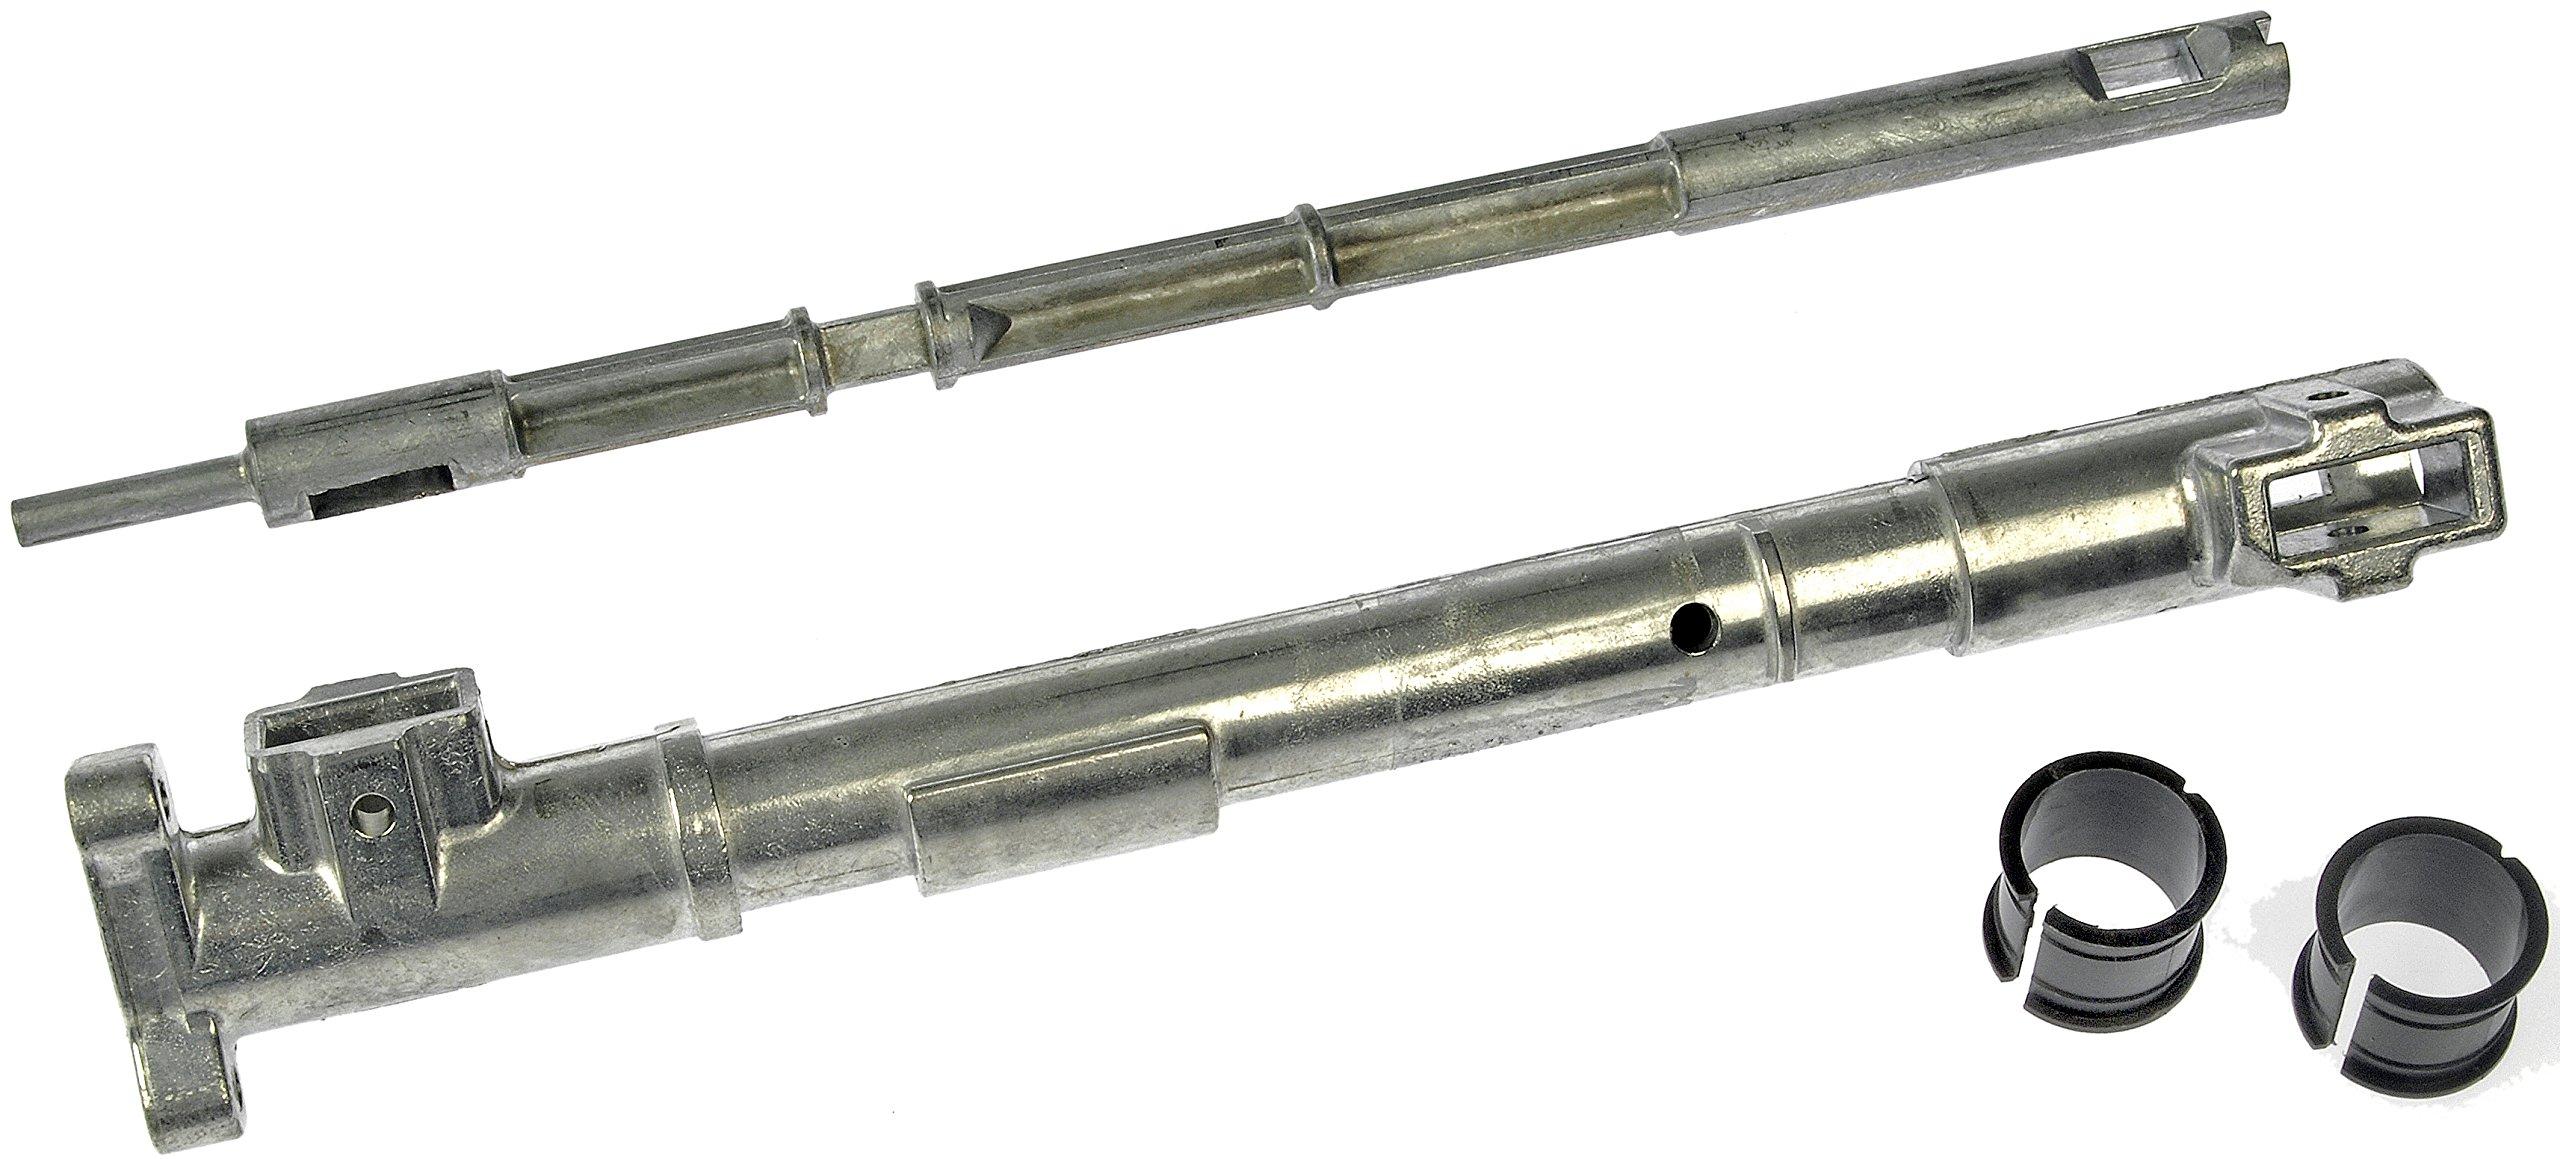 Dorman 905-102 Steering Column Shift Tube by Dorman (Image #1)